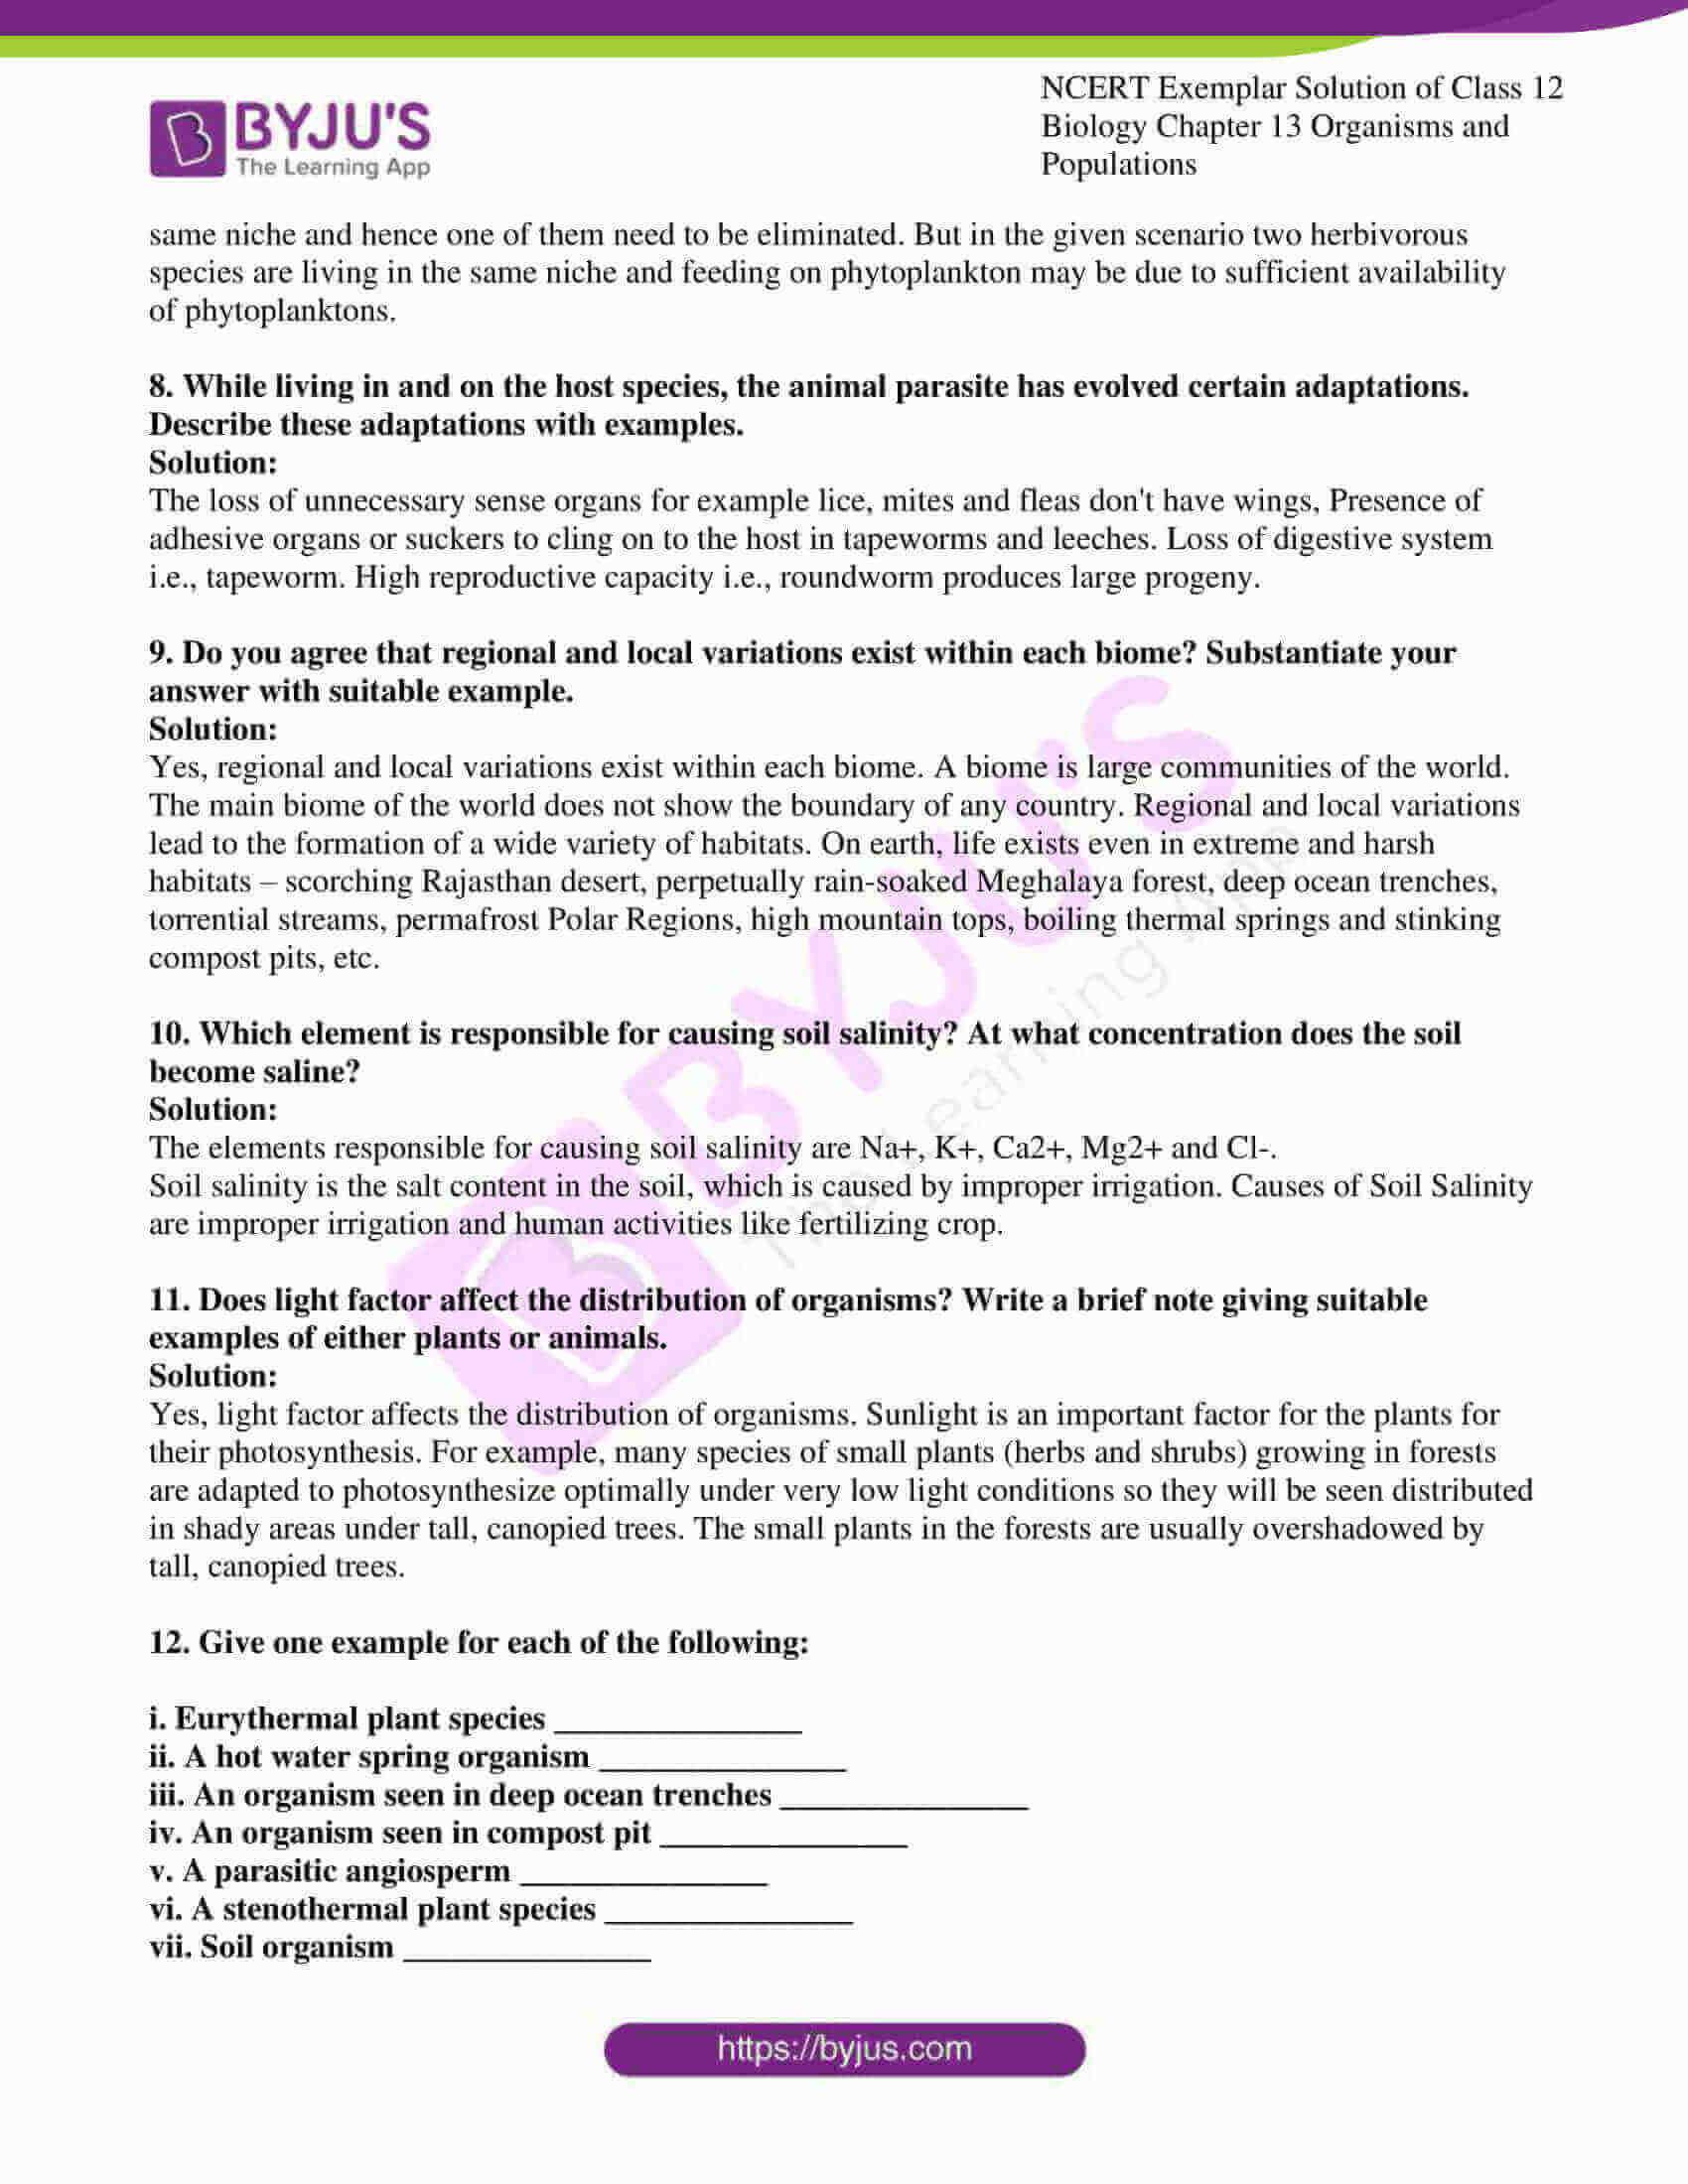 ncert exemplar solution of class 12 biology chapter 13 15